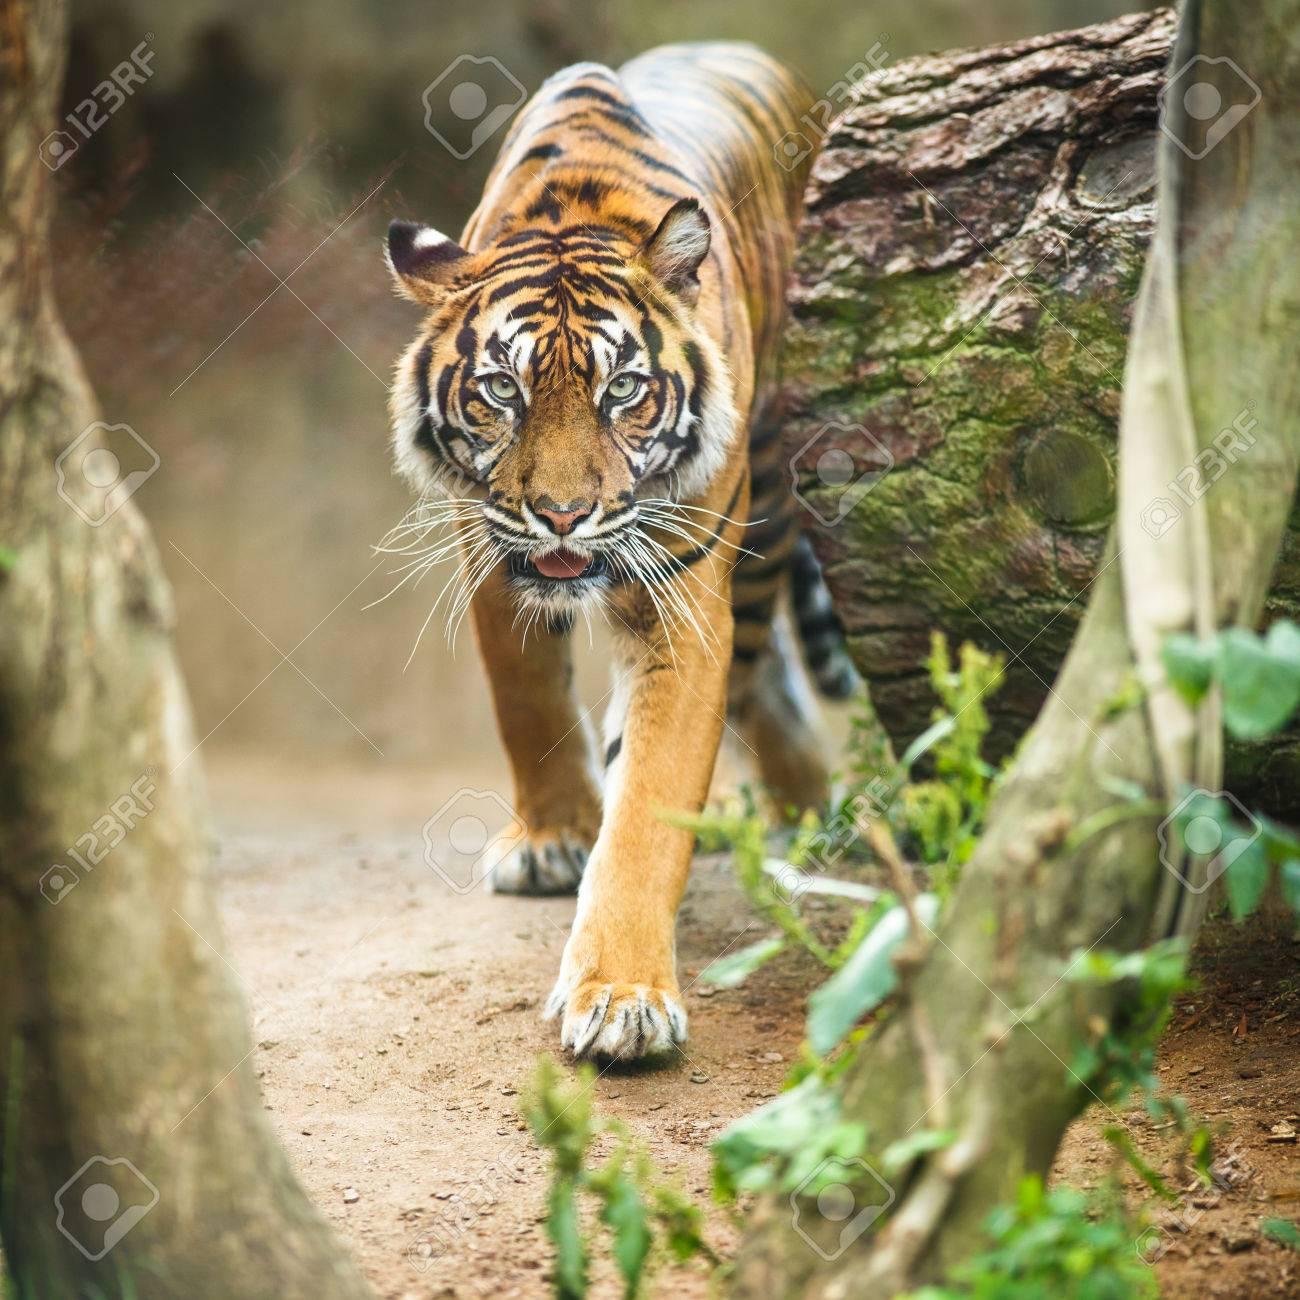 Gros plan d'un tigre de Sibérie aussi connu sous le tigre de l'Amour (Panthera tigris altaica), le plus grand chat vivant Banque d'images - 46142085